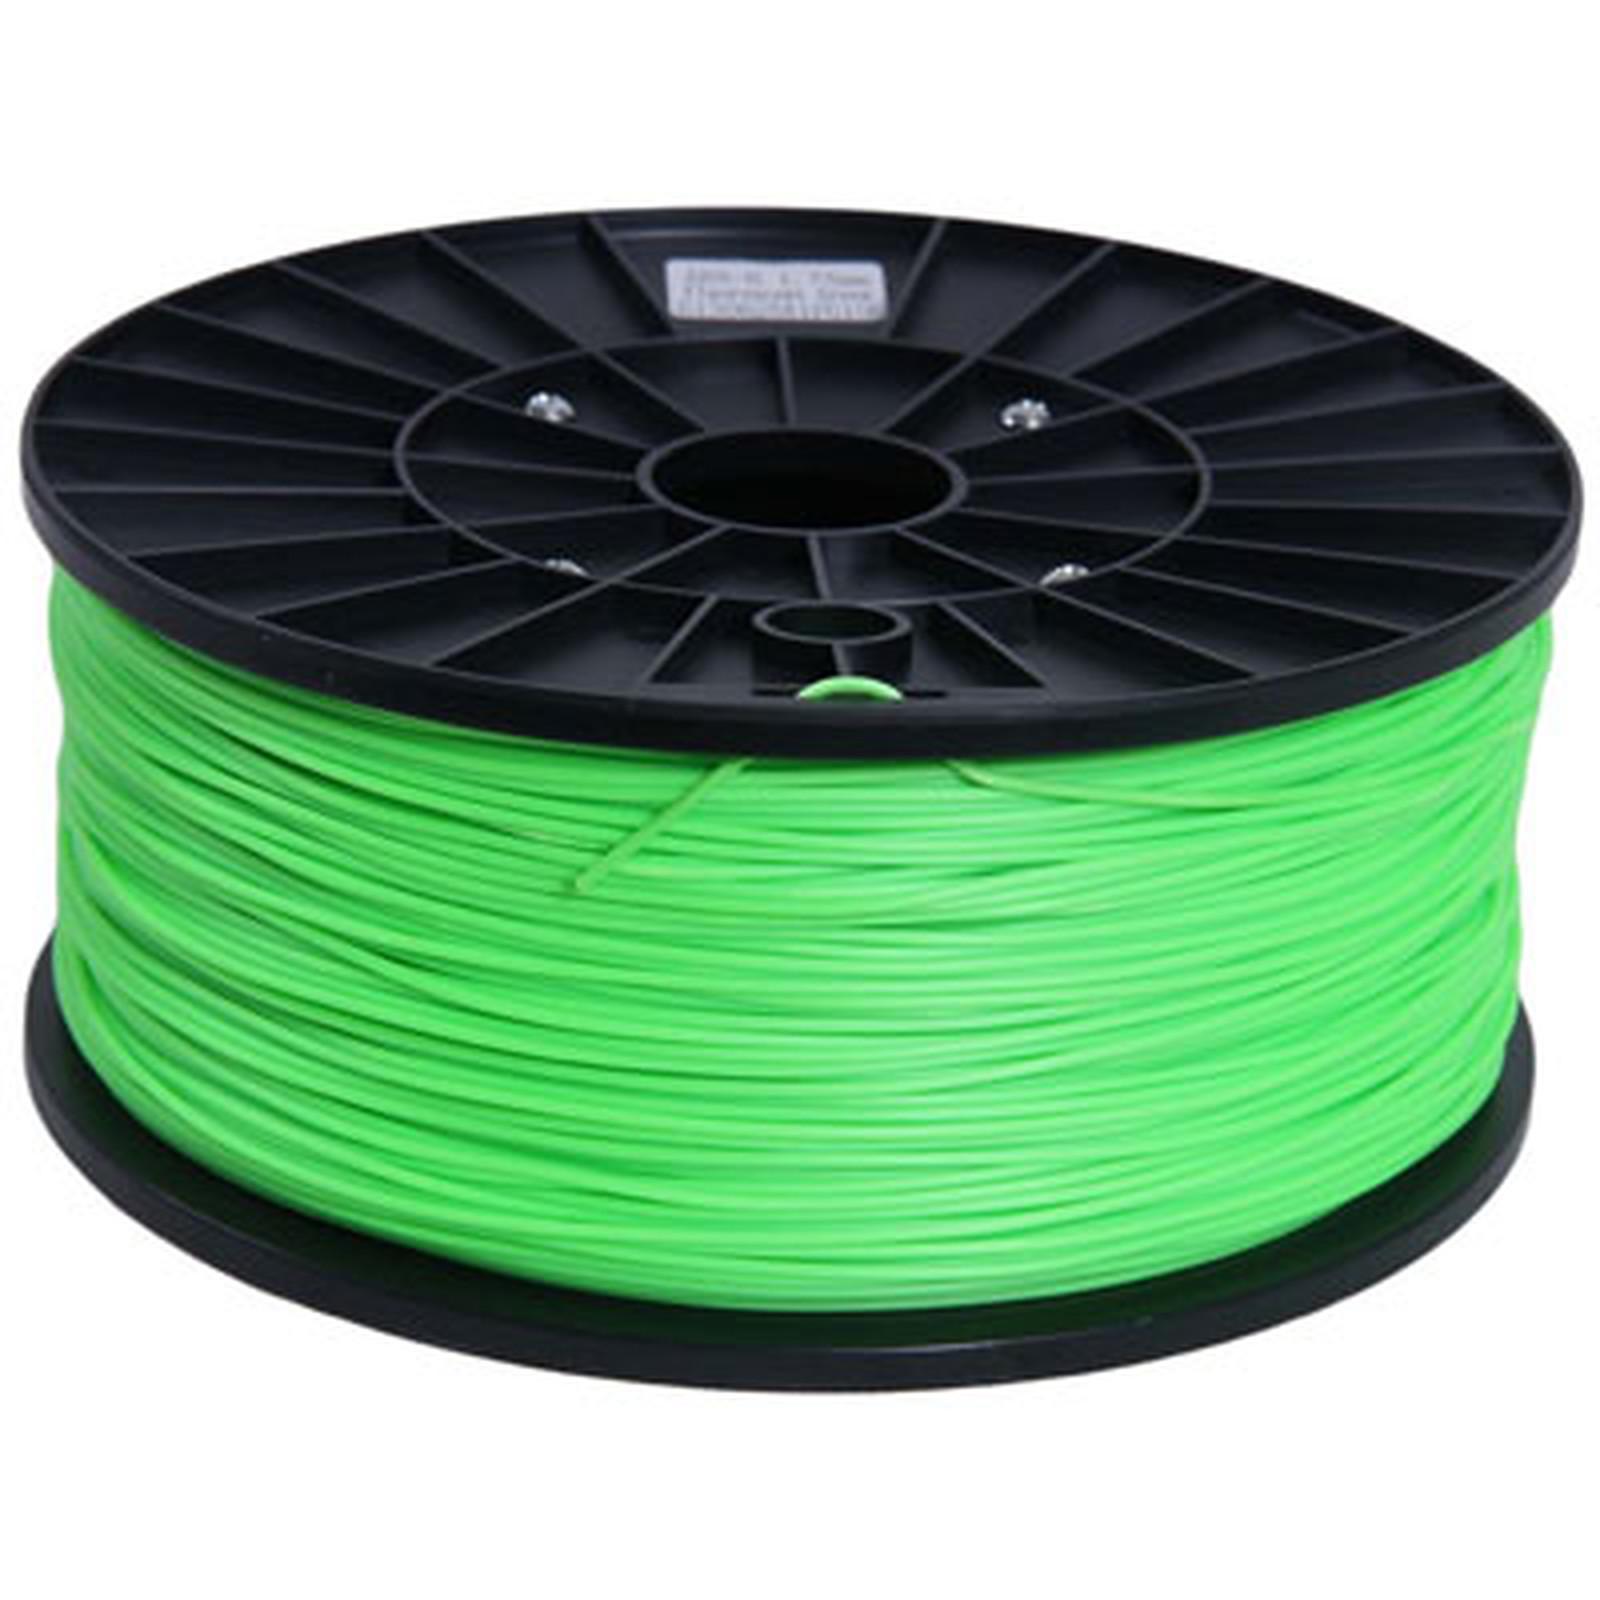 MakerBot Bobine ABS 1Kg pour imprimante 3D - Vert fluo